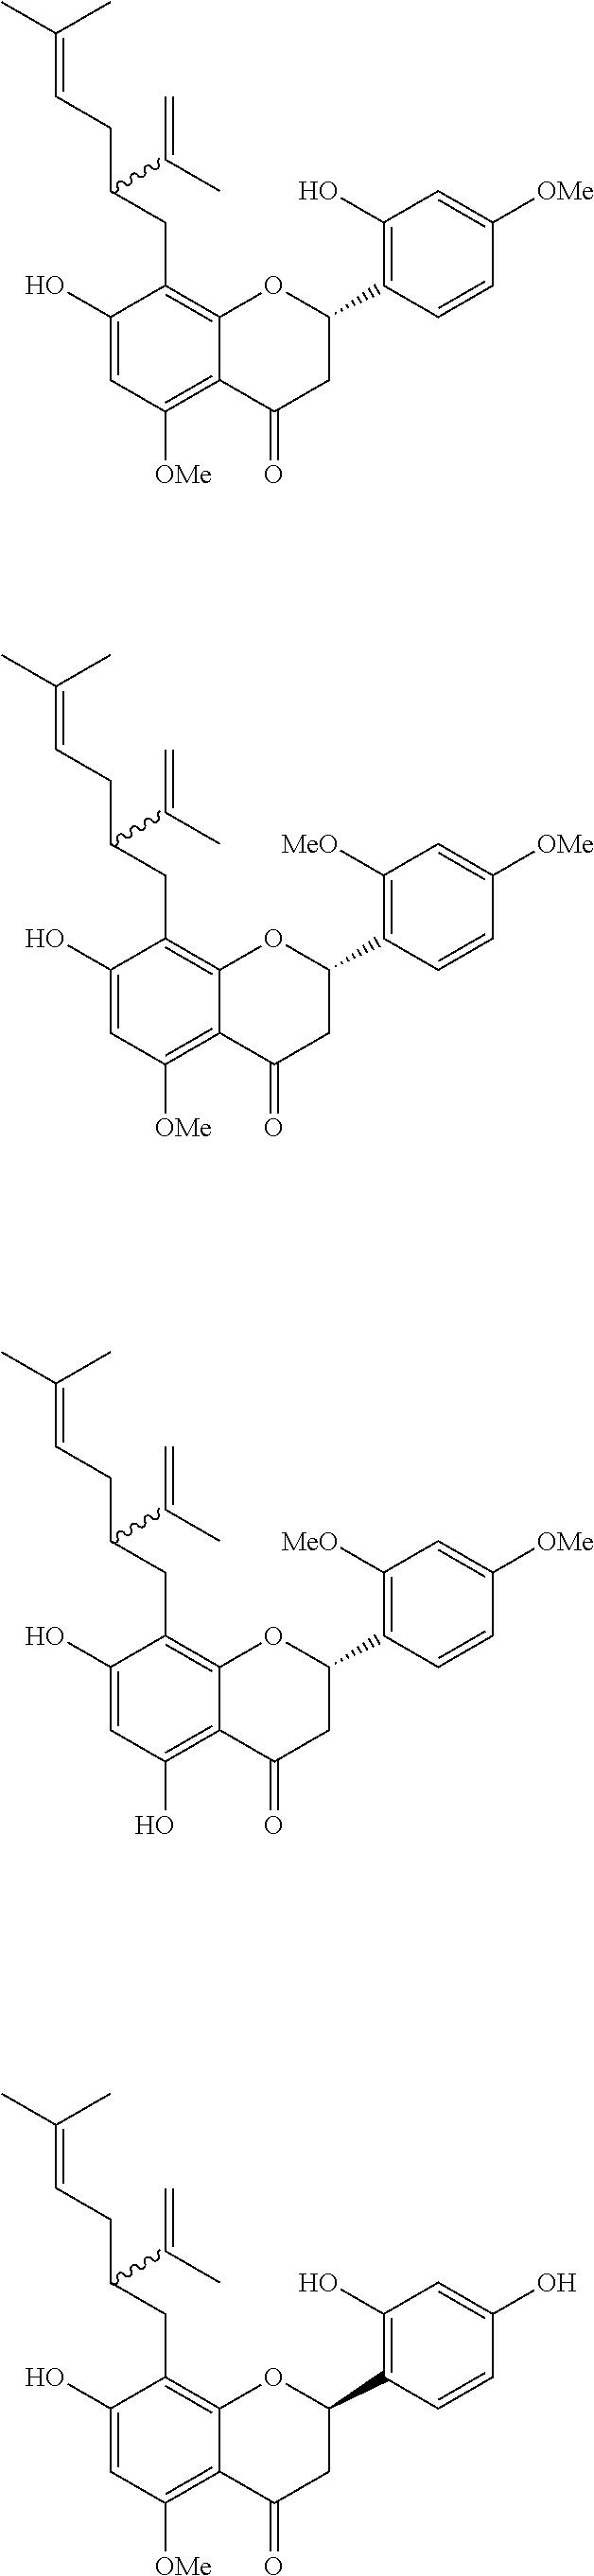 Figure US09962344-20180508-C00198